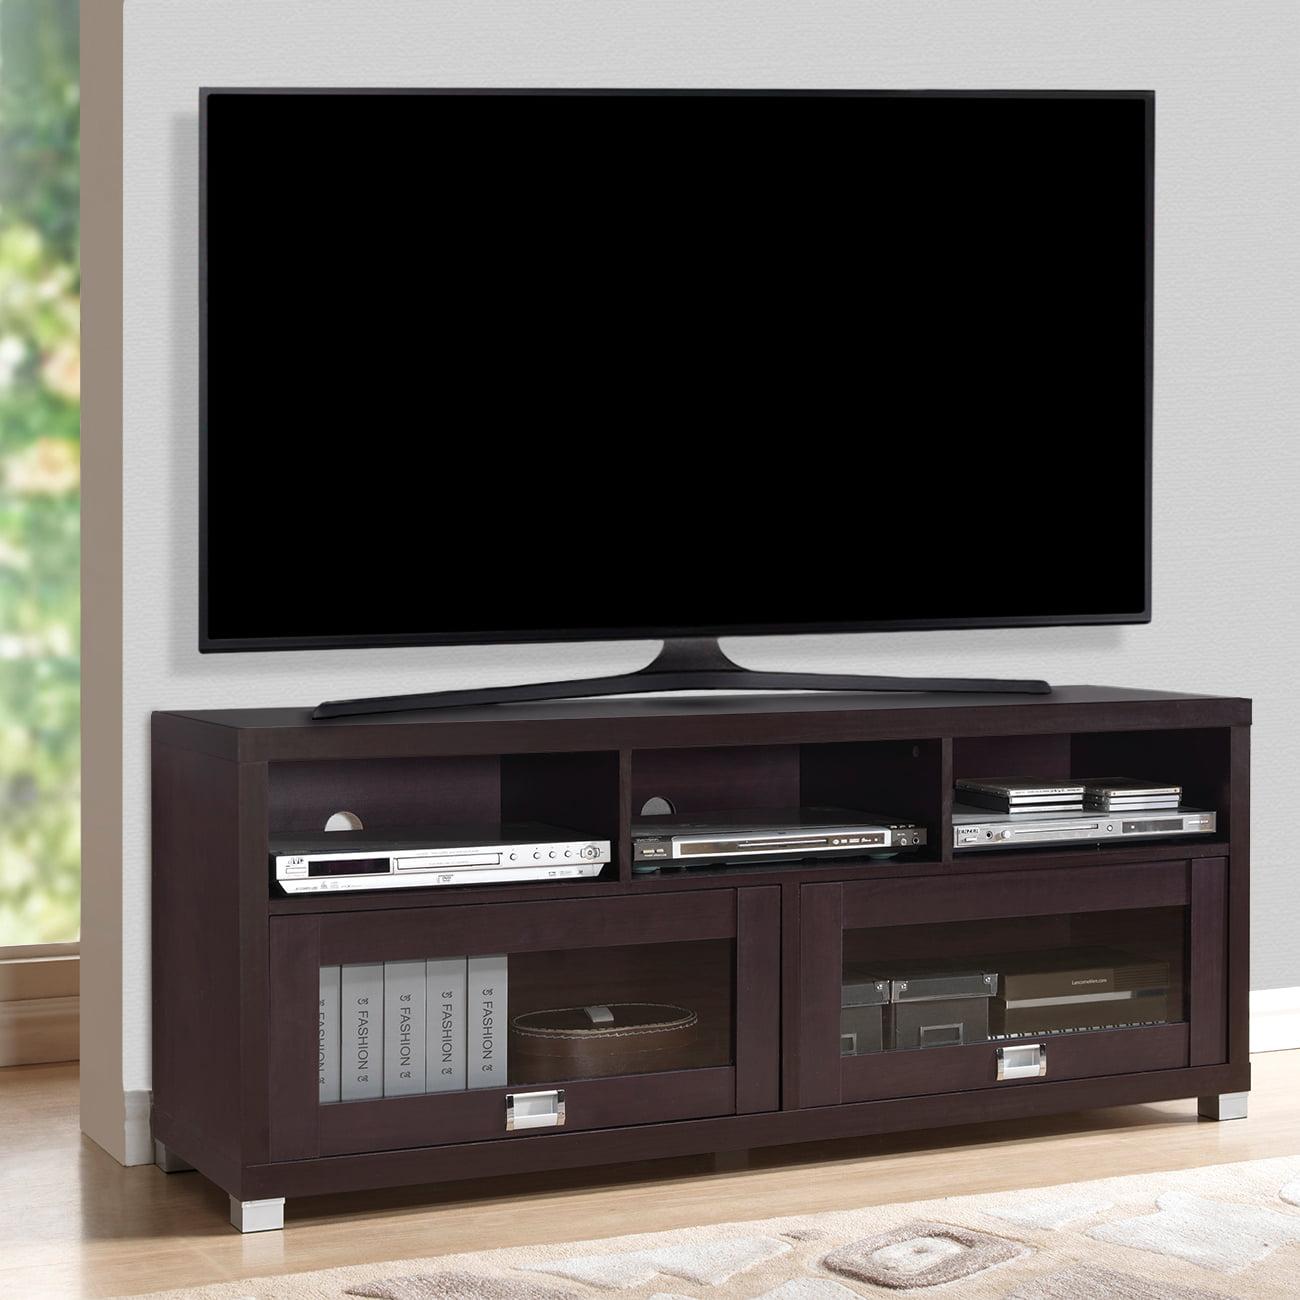 This Contemporary Techni Mobili Tv Cabinet